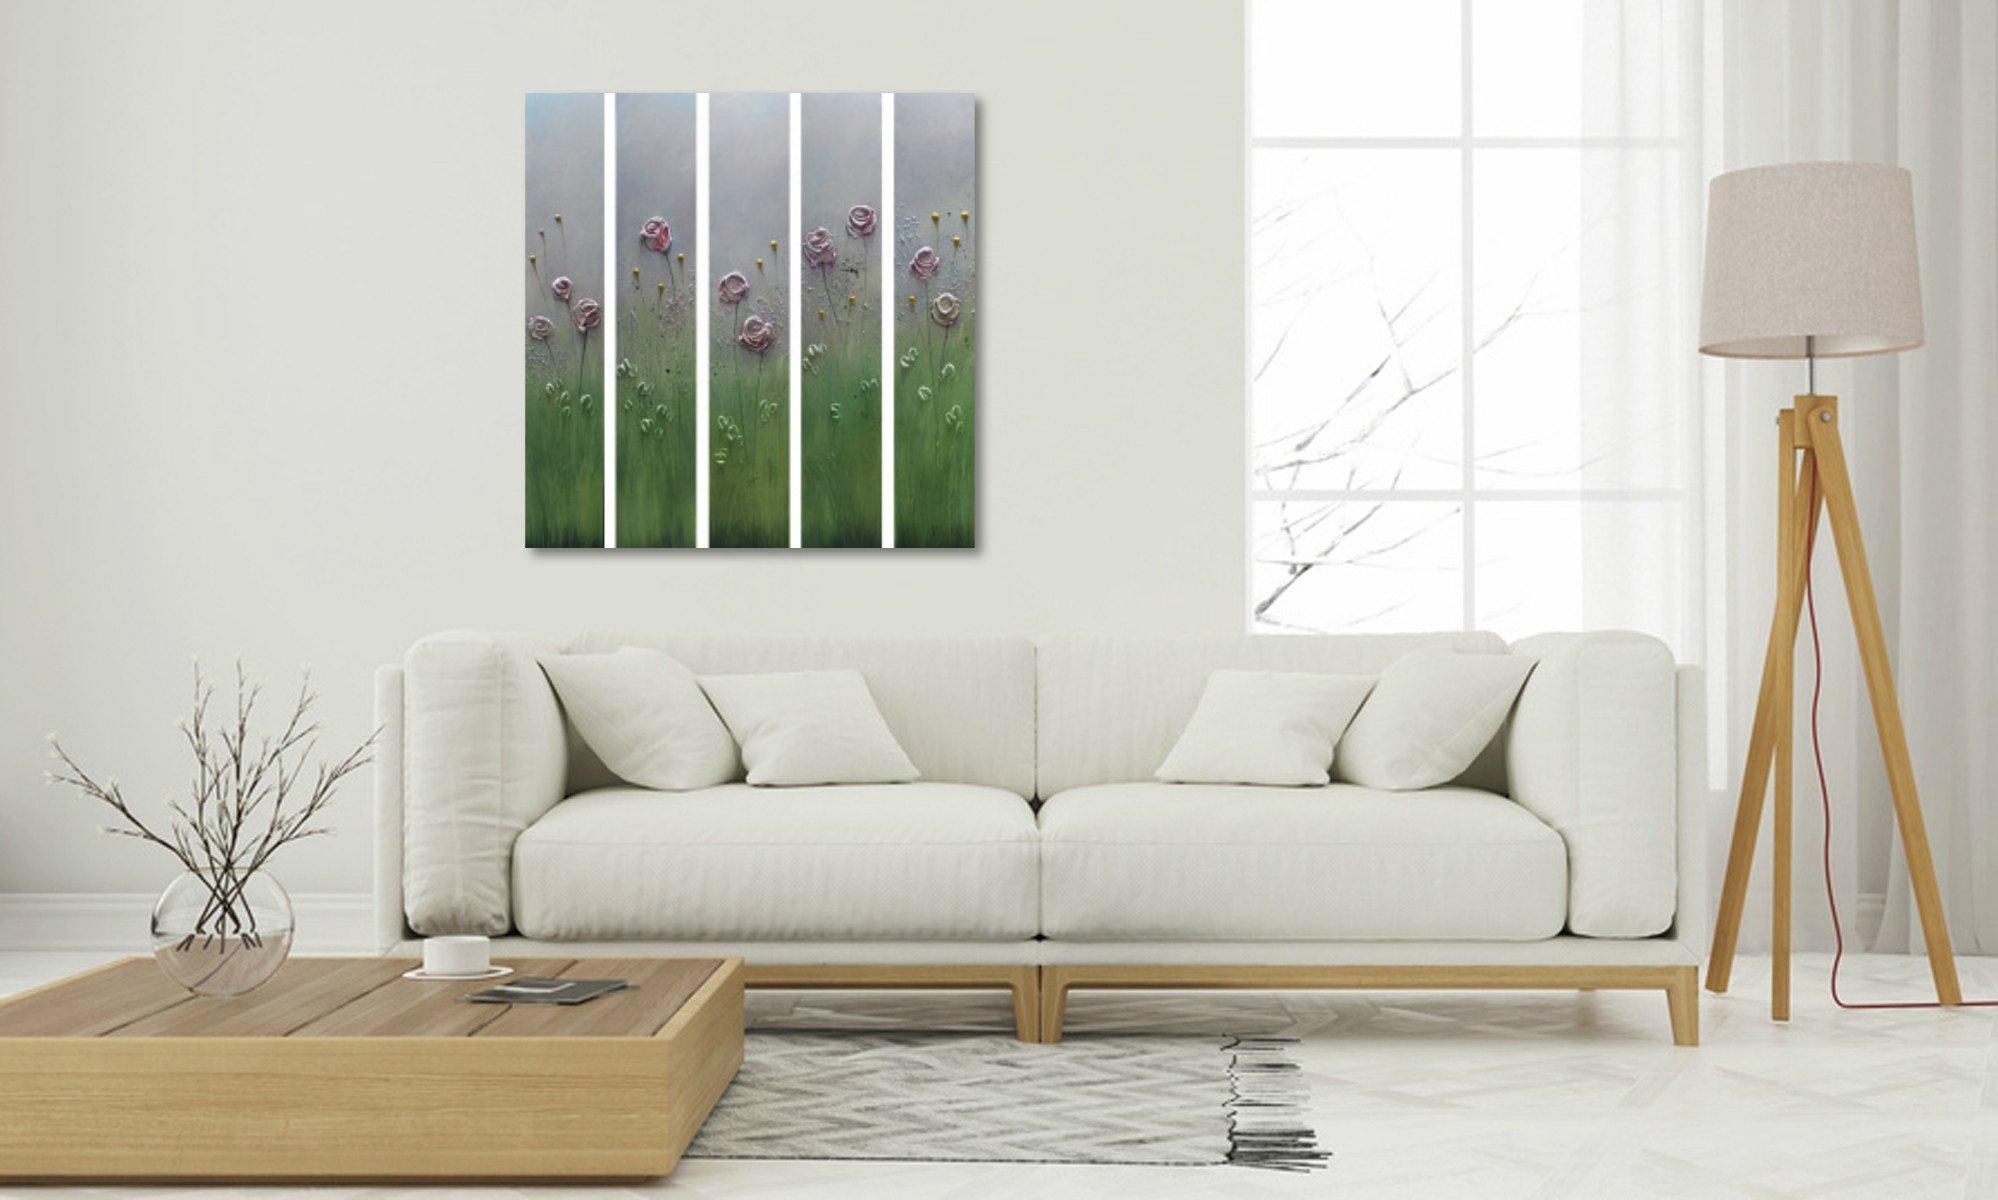 interieurfoto schilderij Summer Roses van Ines